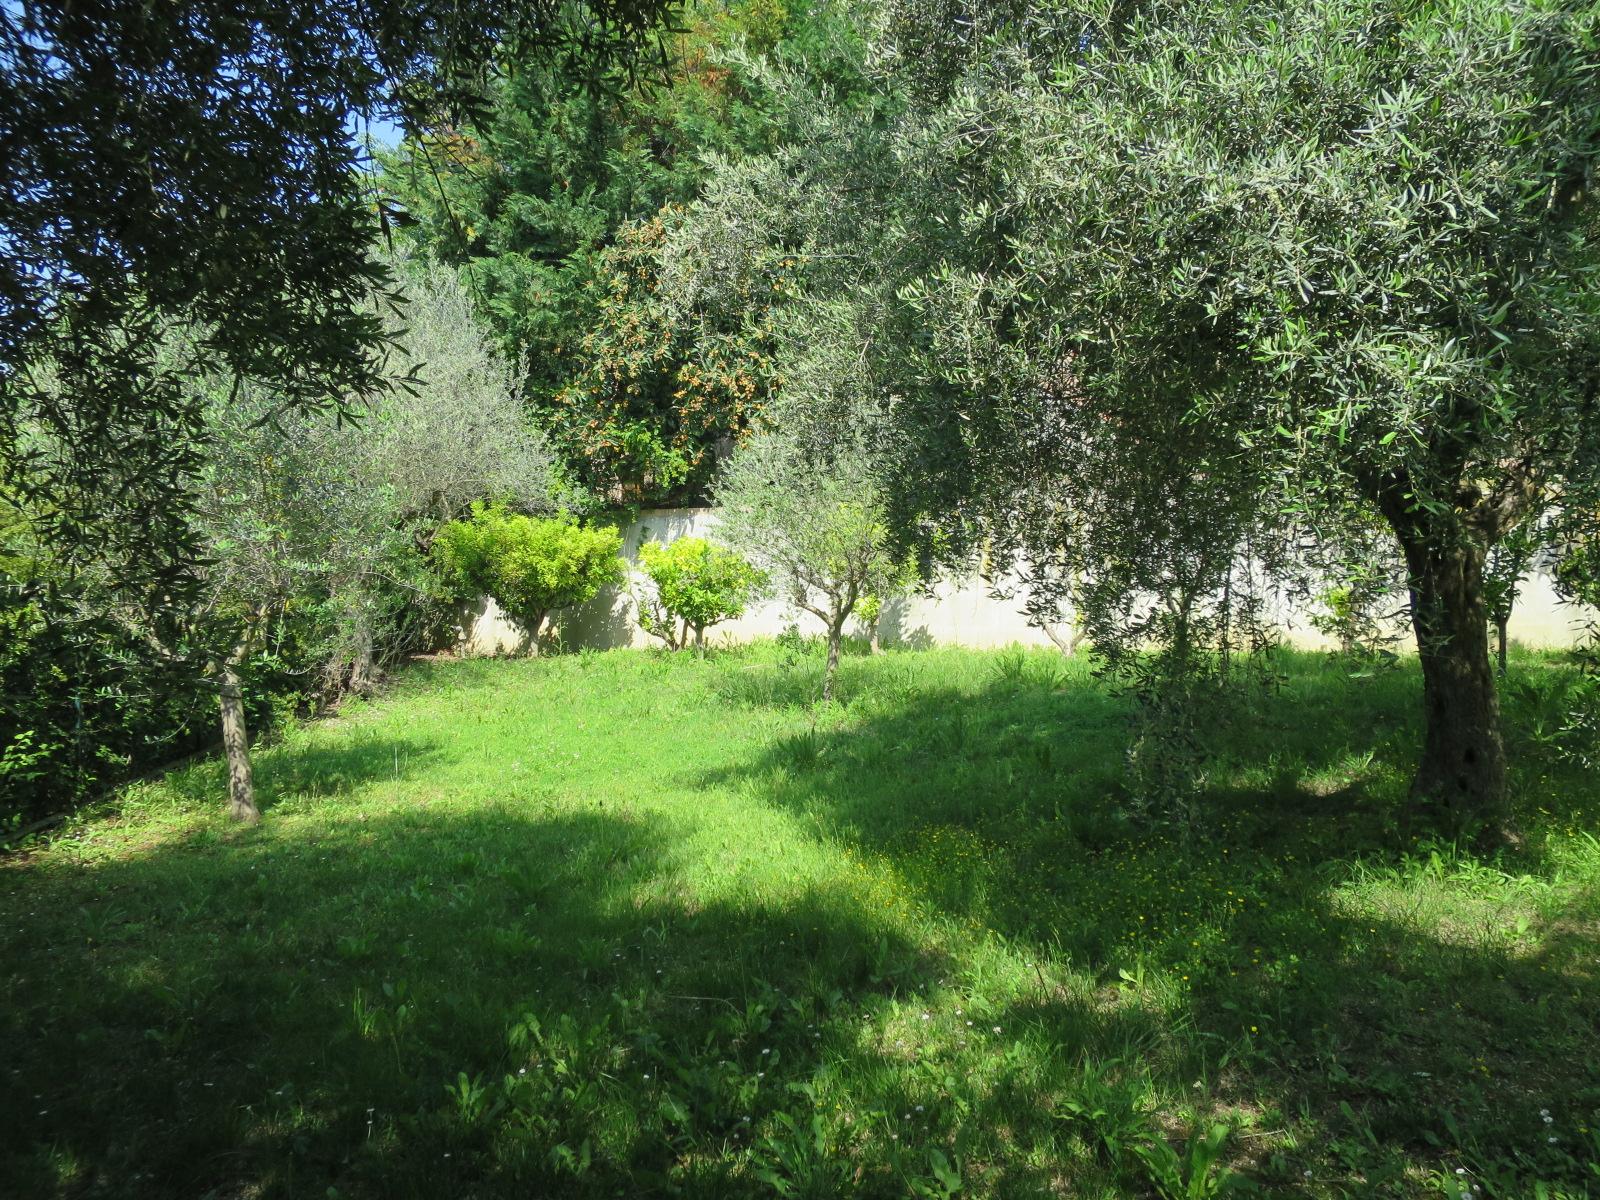 Villa Villa for sale Roseto degli Abruzzi (TE), Villa del Marinaio - Roseto degli Abruzzi - EUR 385.559 690